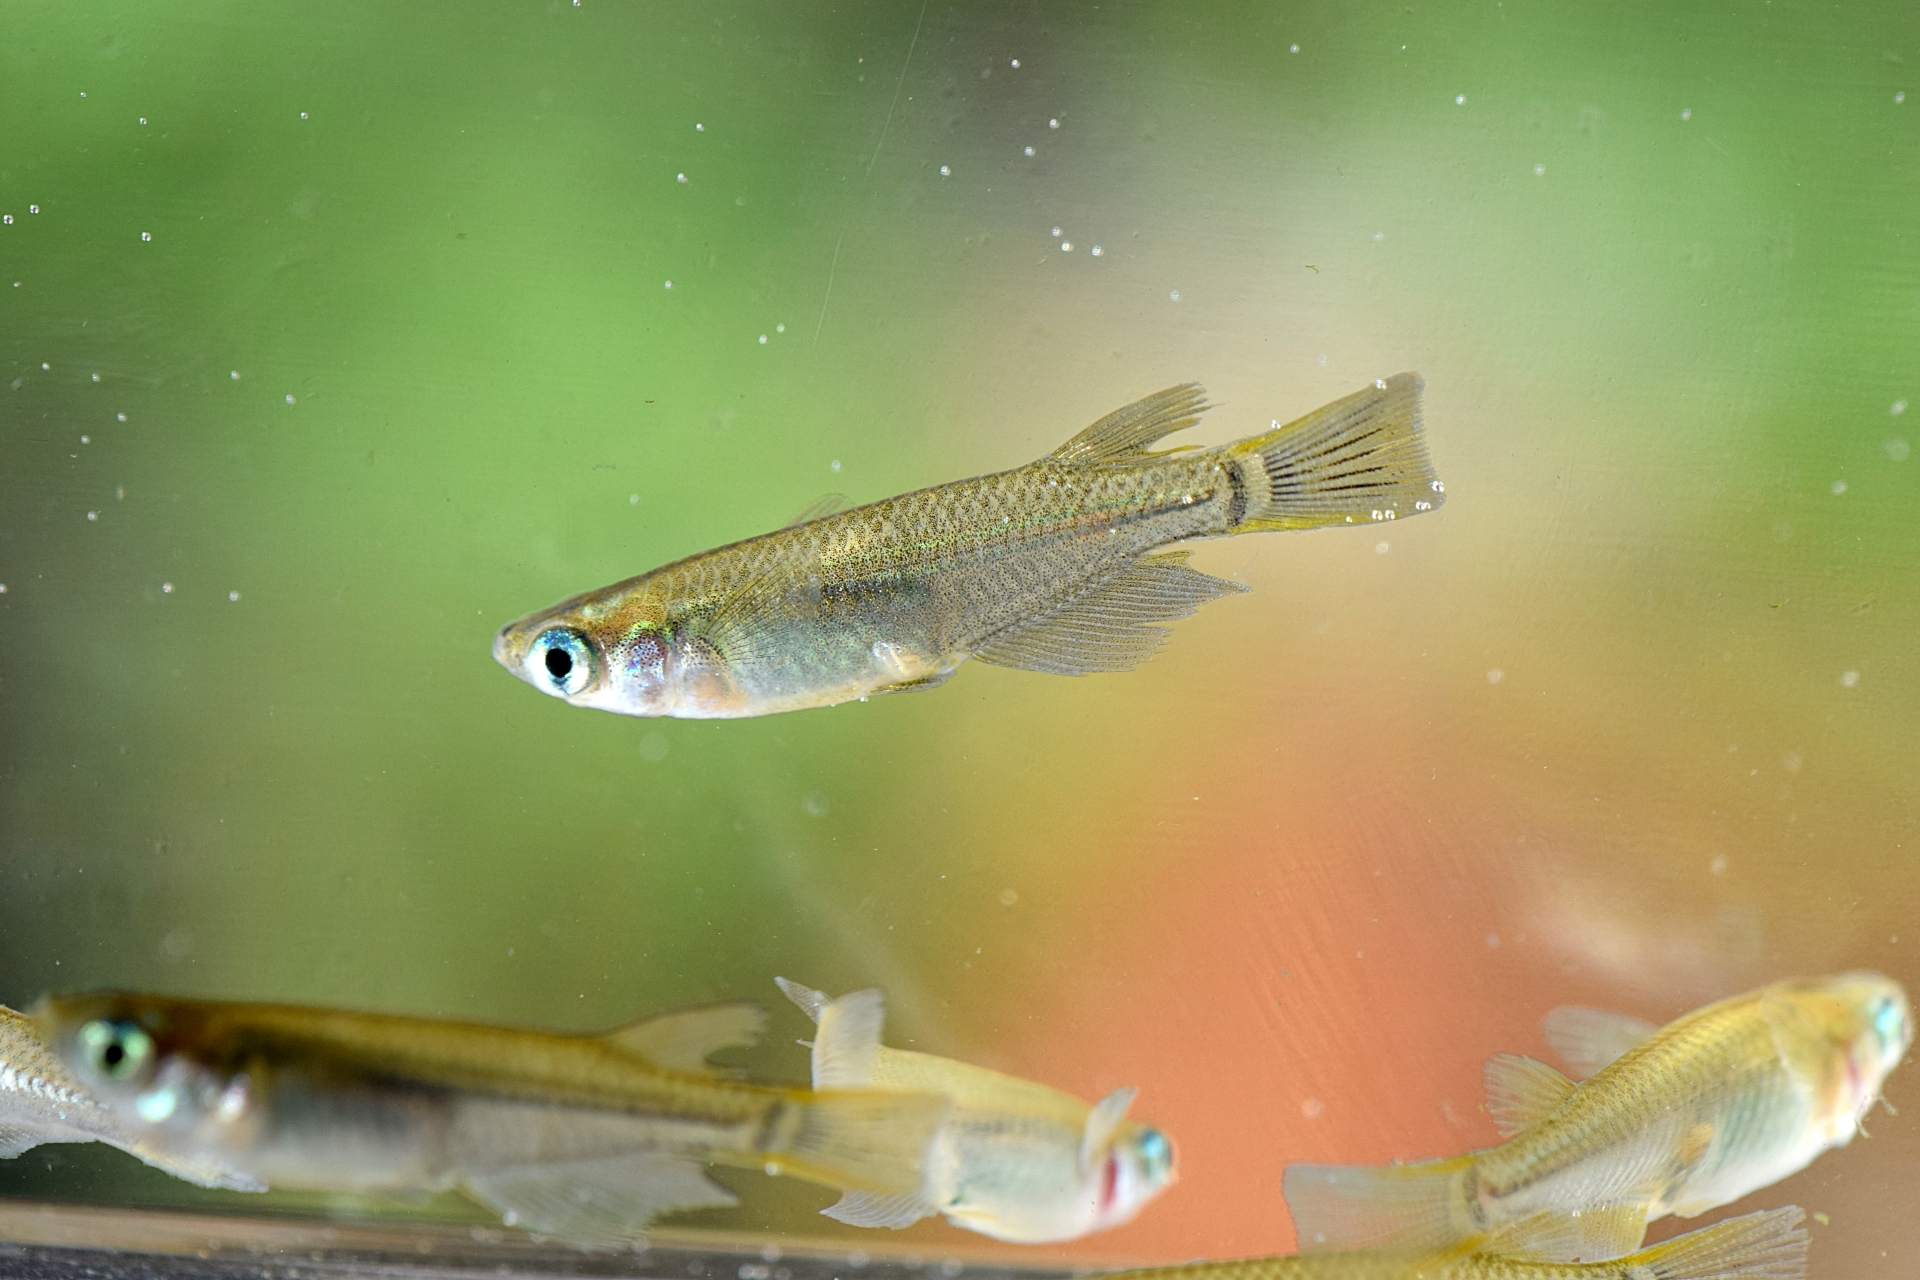 メダカの稚魚にゾウリムシを与える方法とゾウリムシの増やし方